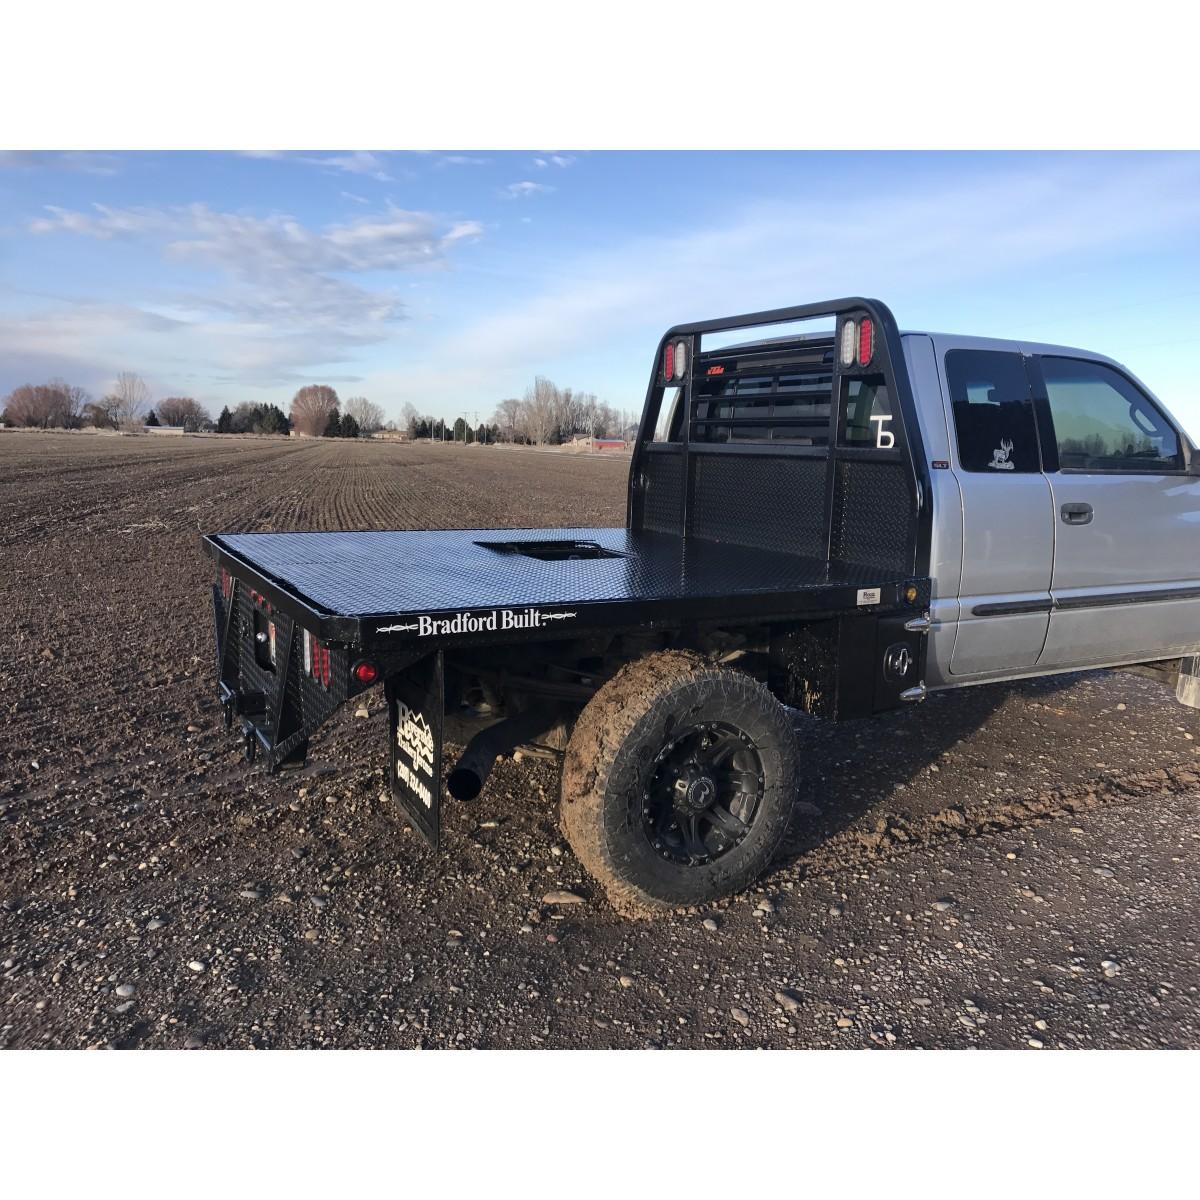 bradford built mustang flatbed pickup flatbed rh riversidebootandsaddle com